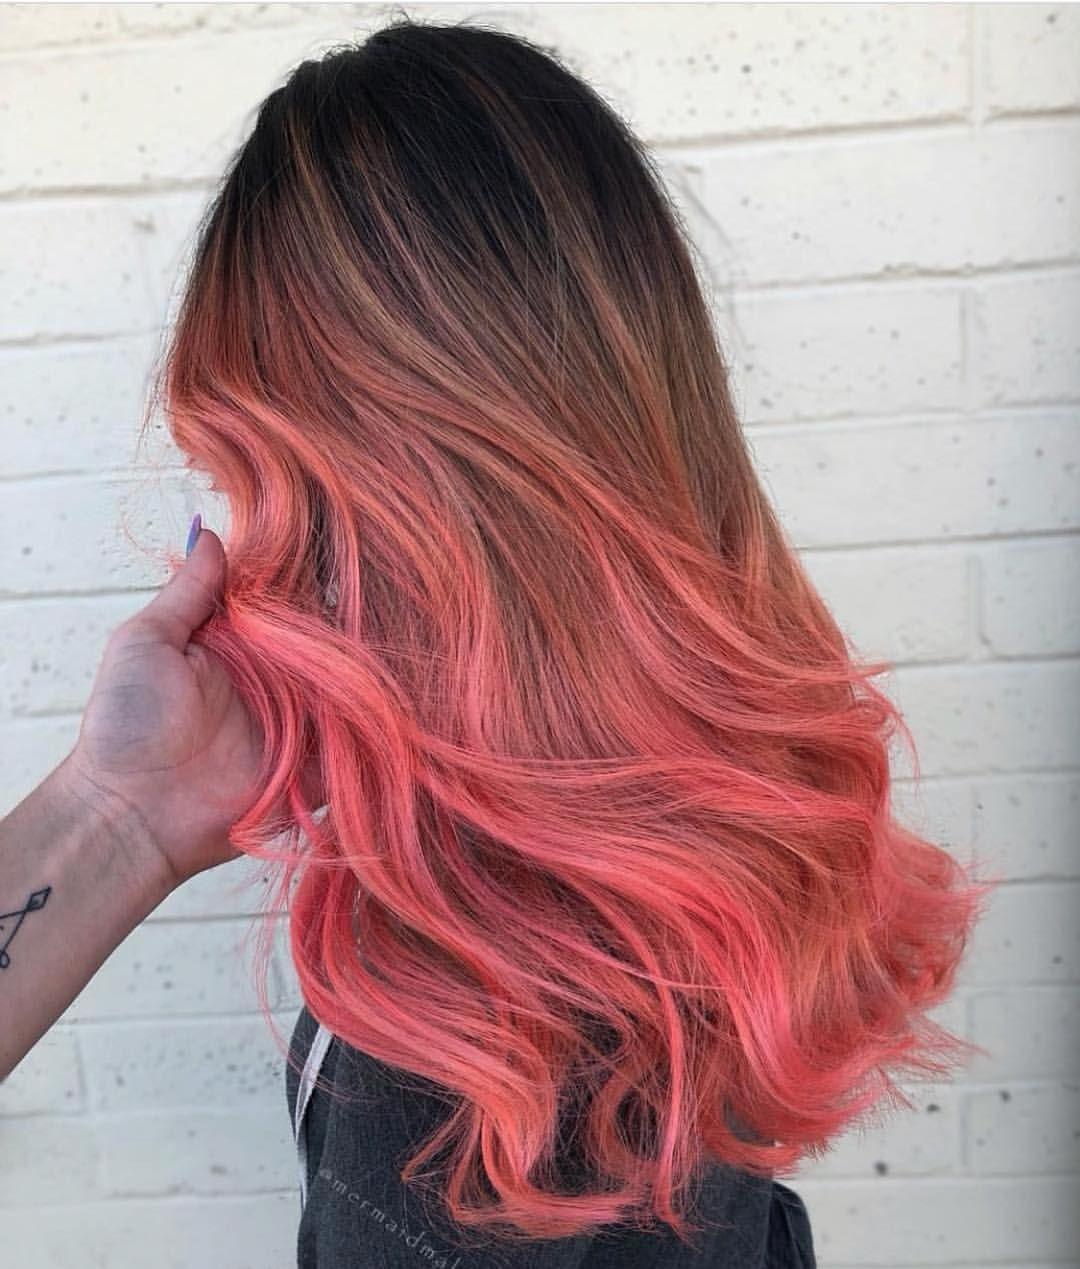 pulp riot hair color on instagram �mermaidmakermeli is